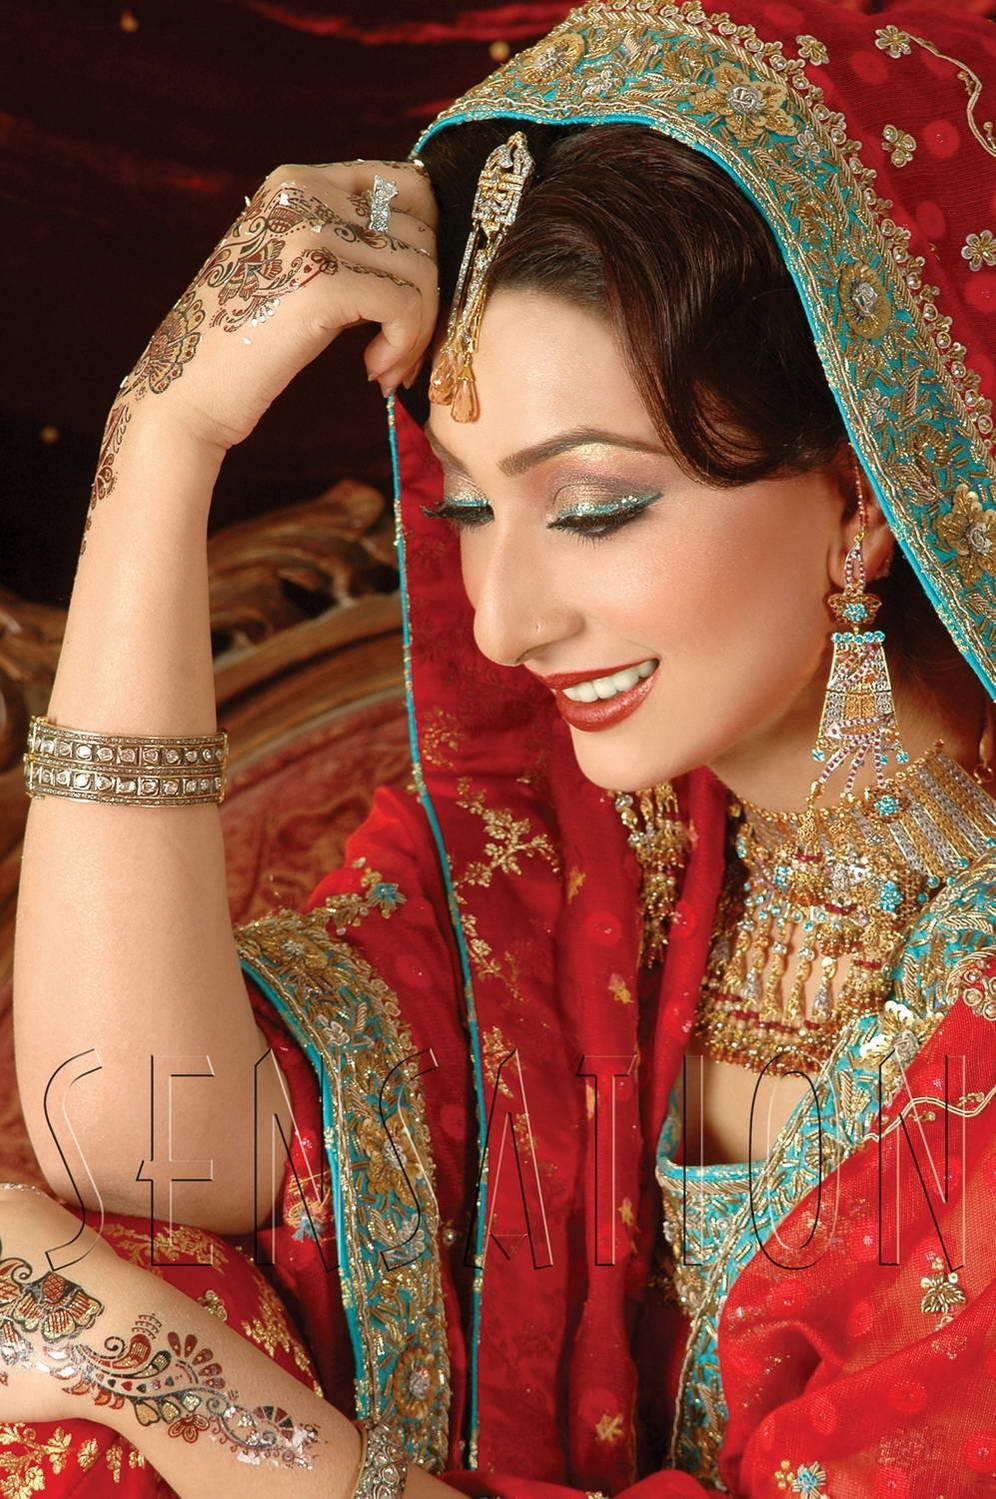 dresses bridal today pakistani ayesha khan kazmi pk stylish wear latest posted bunto